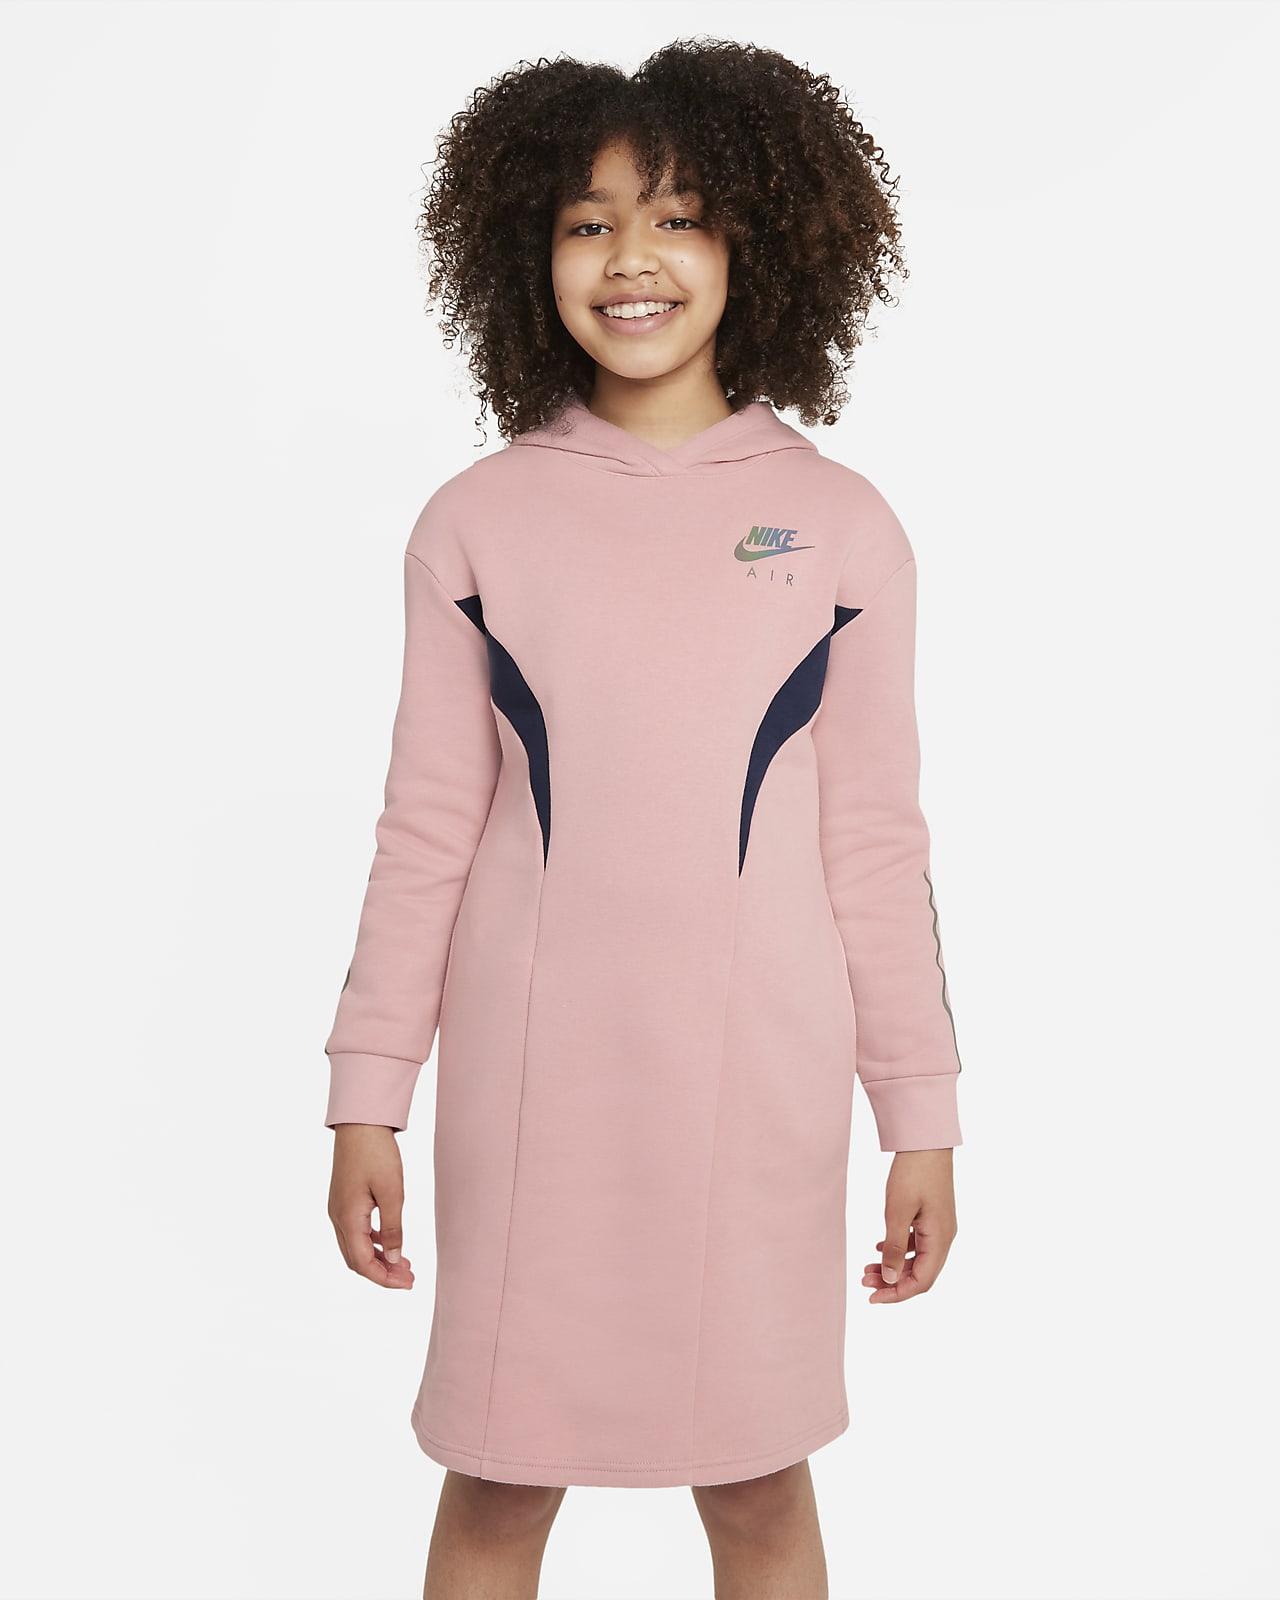 Φλις φόρεμα Nike Air για μεγάλα κορίτσια